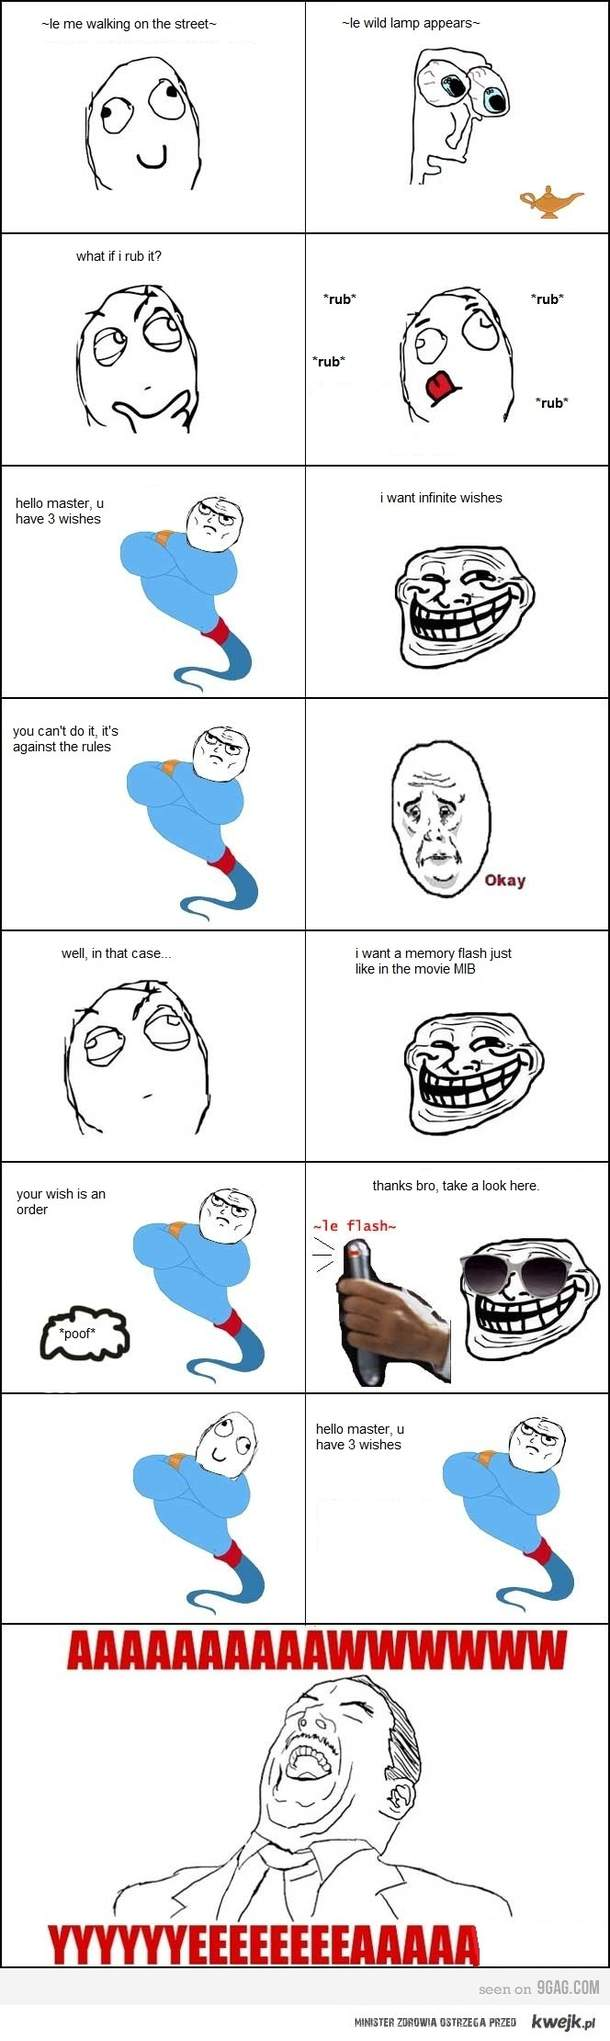 Trolling a Genius